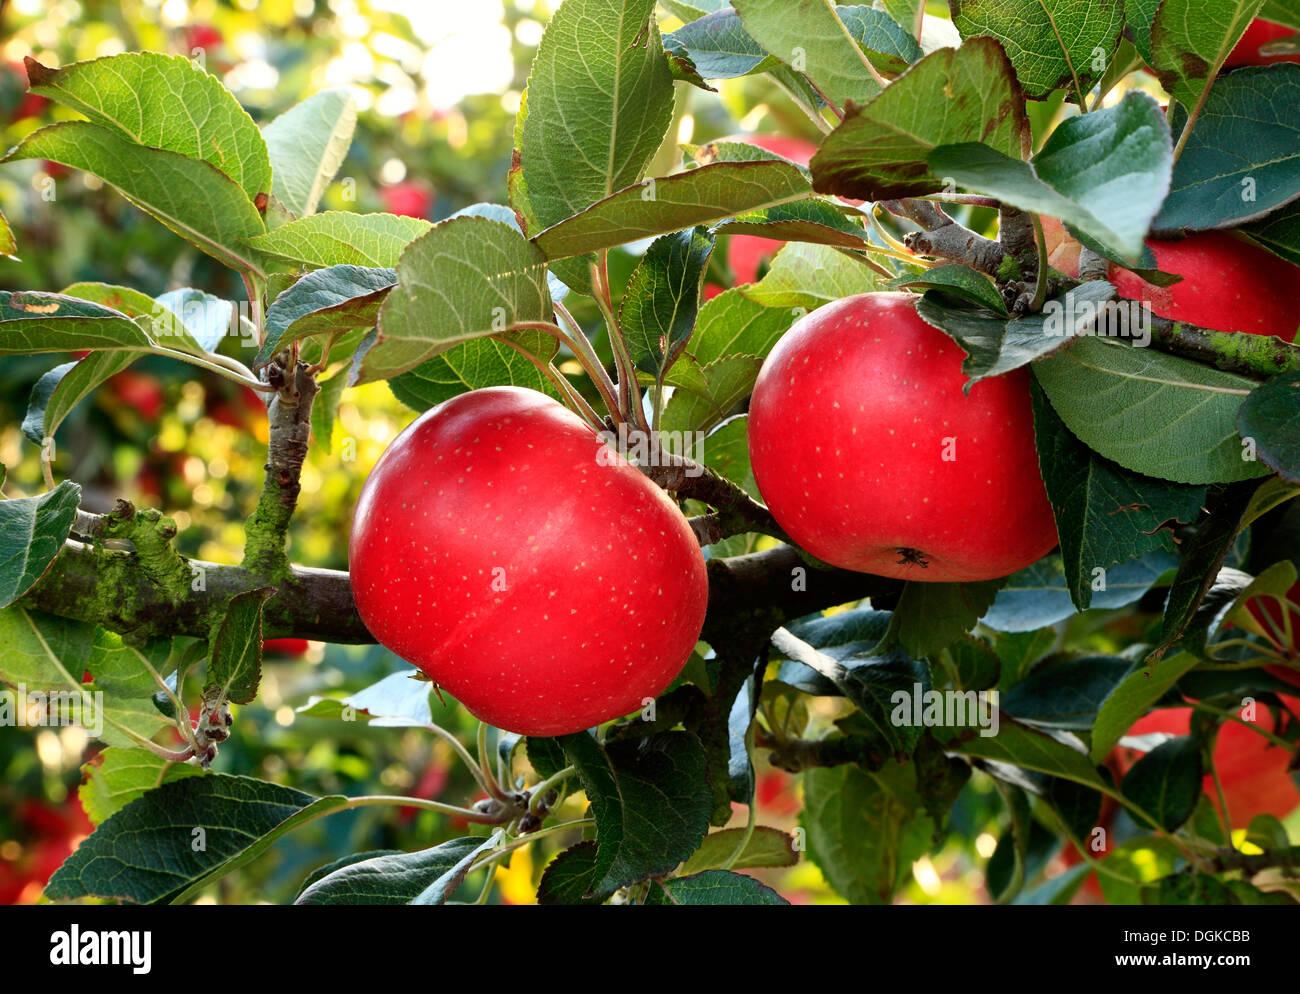 Apfel 'Entdeckung' Malus Domestica, Äpfel, benannt verschiedene Sorten wachsen auf Baum Stockbild